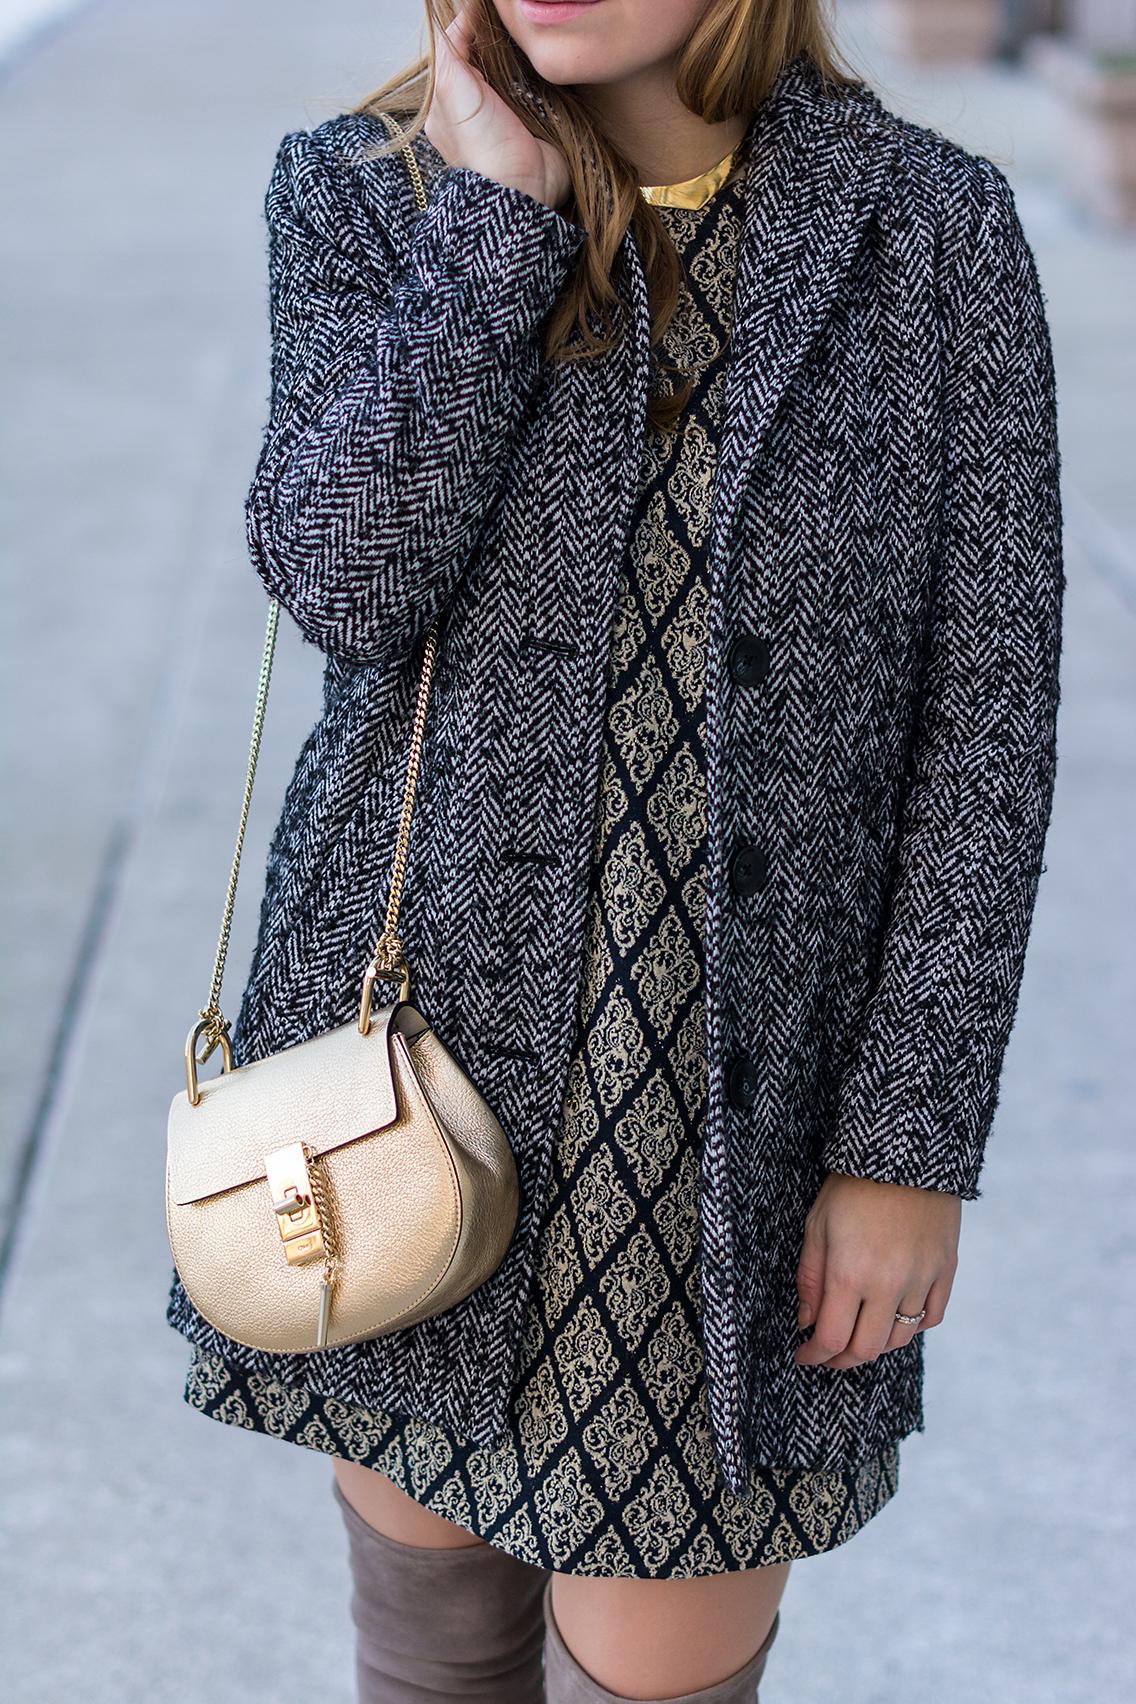 Stuart Weitzman Lowland Zara Dress Chloe Drew Forever 21 2